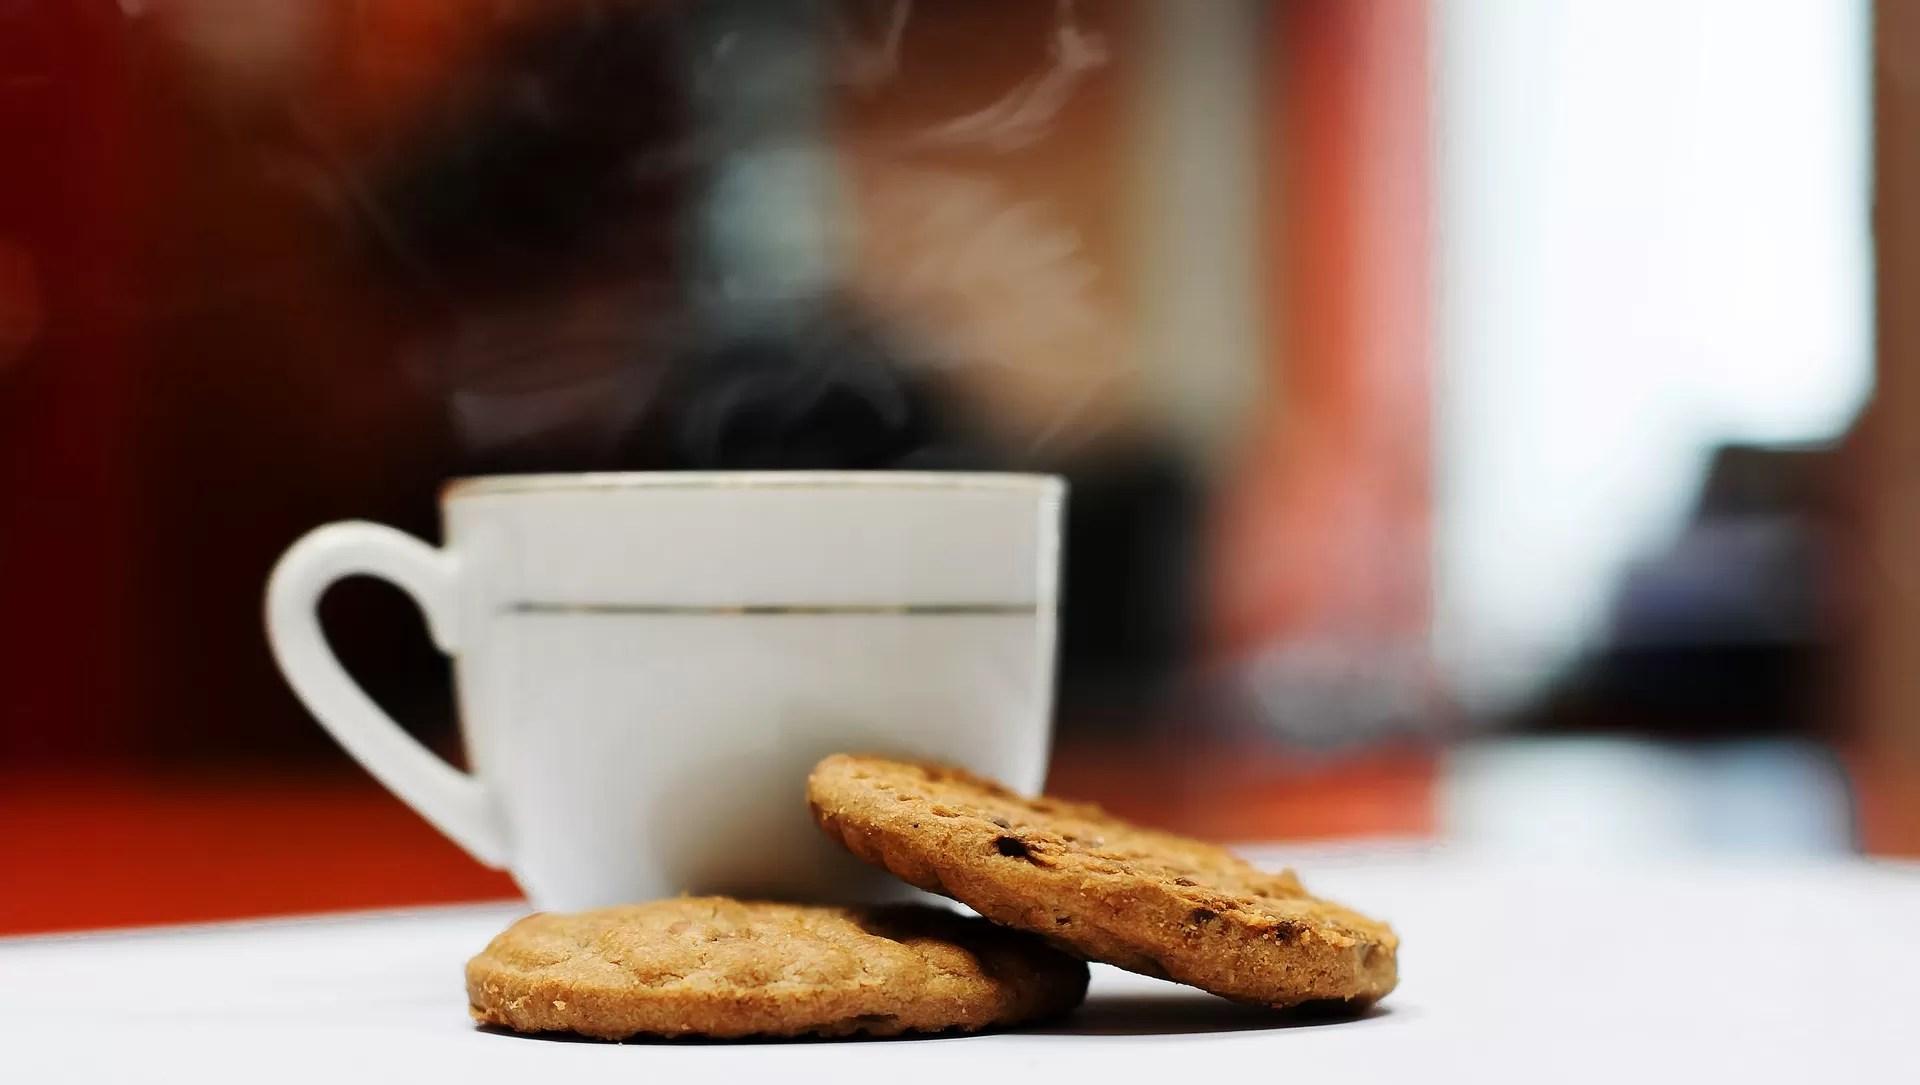 Come servire caffè e biscotti